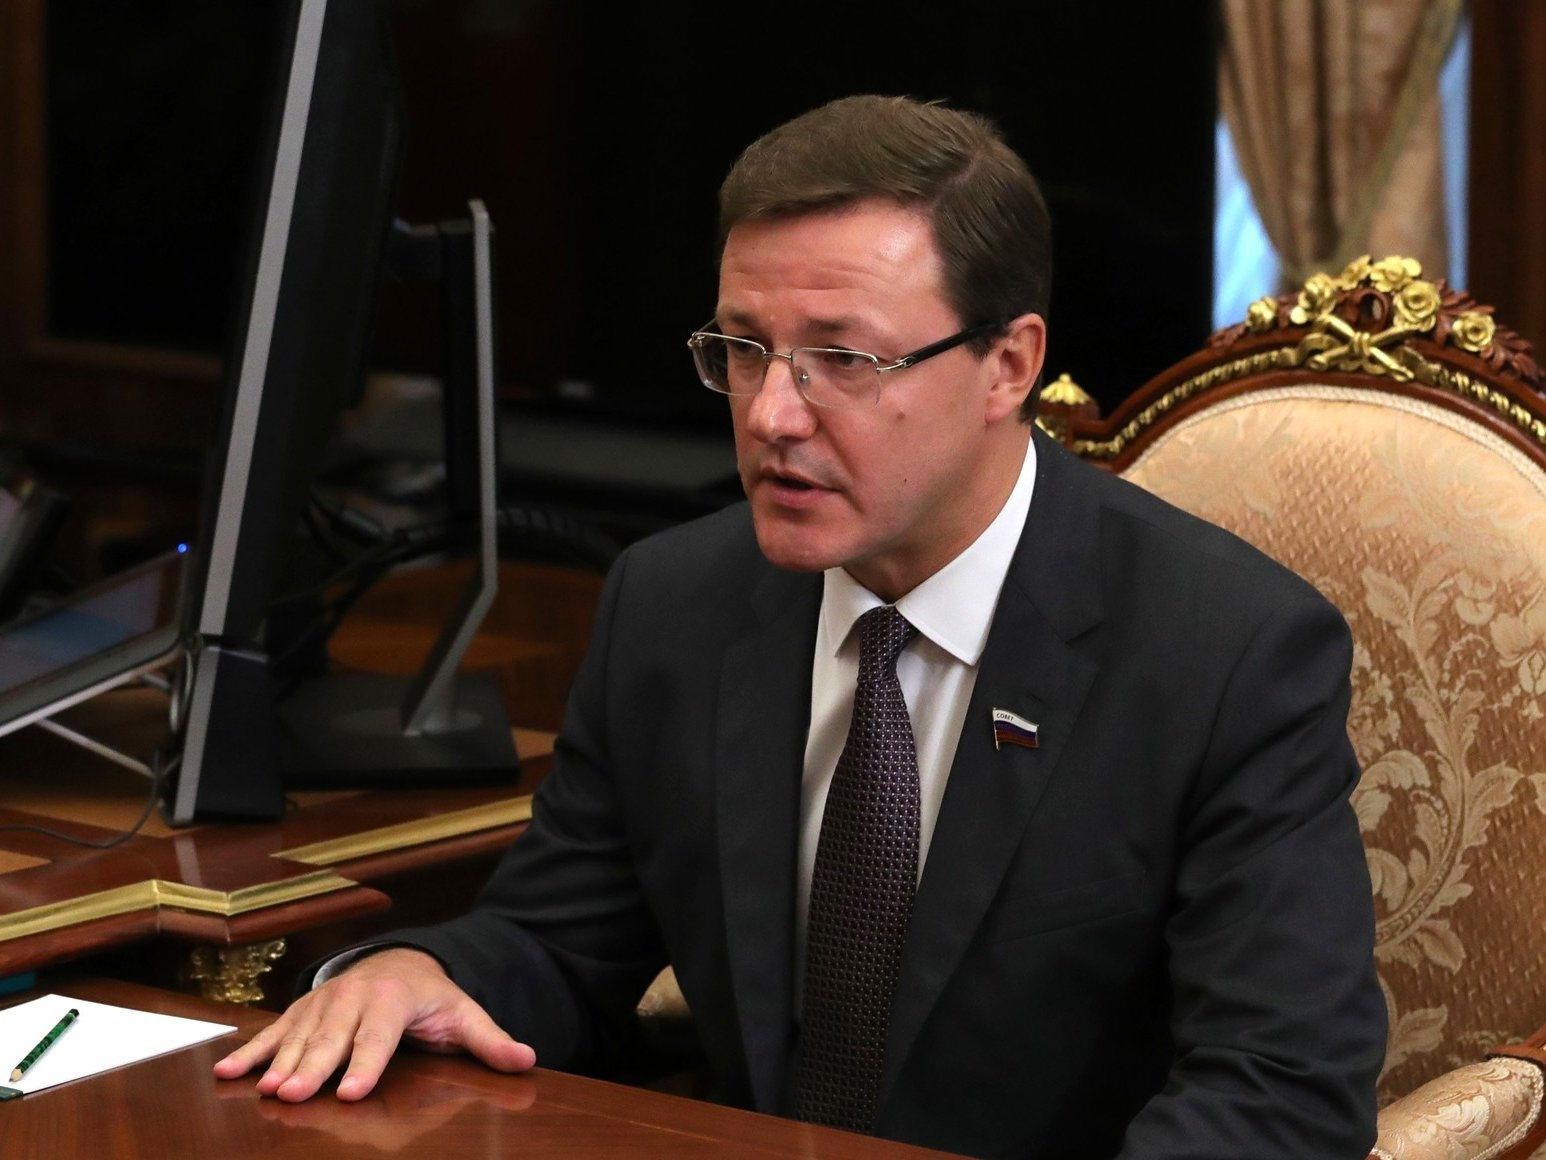 ФАС предупредила решившего воздействовать  наторговлю врио самарского губернатора